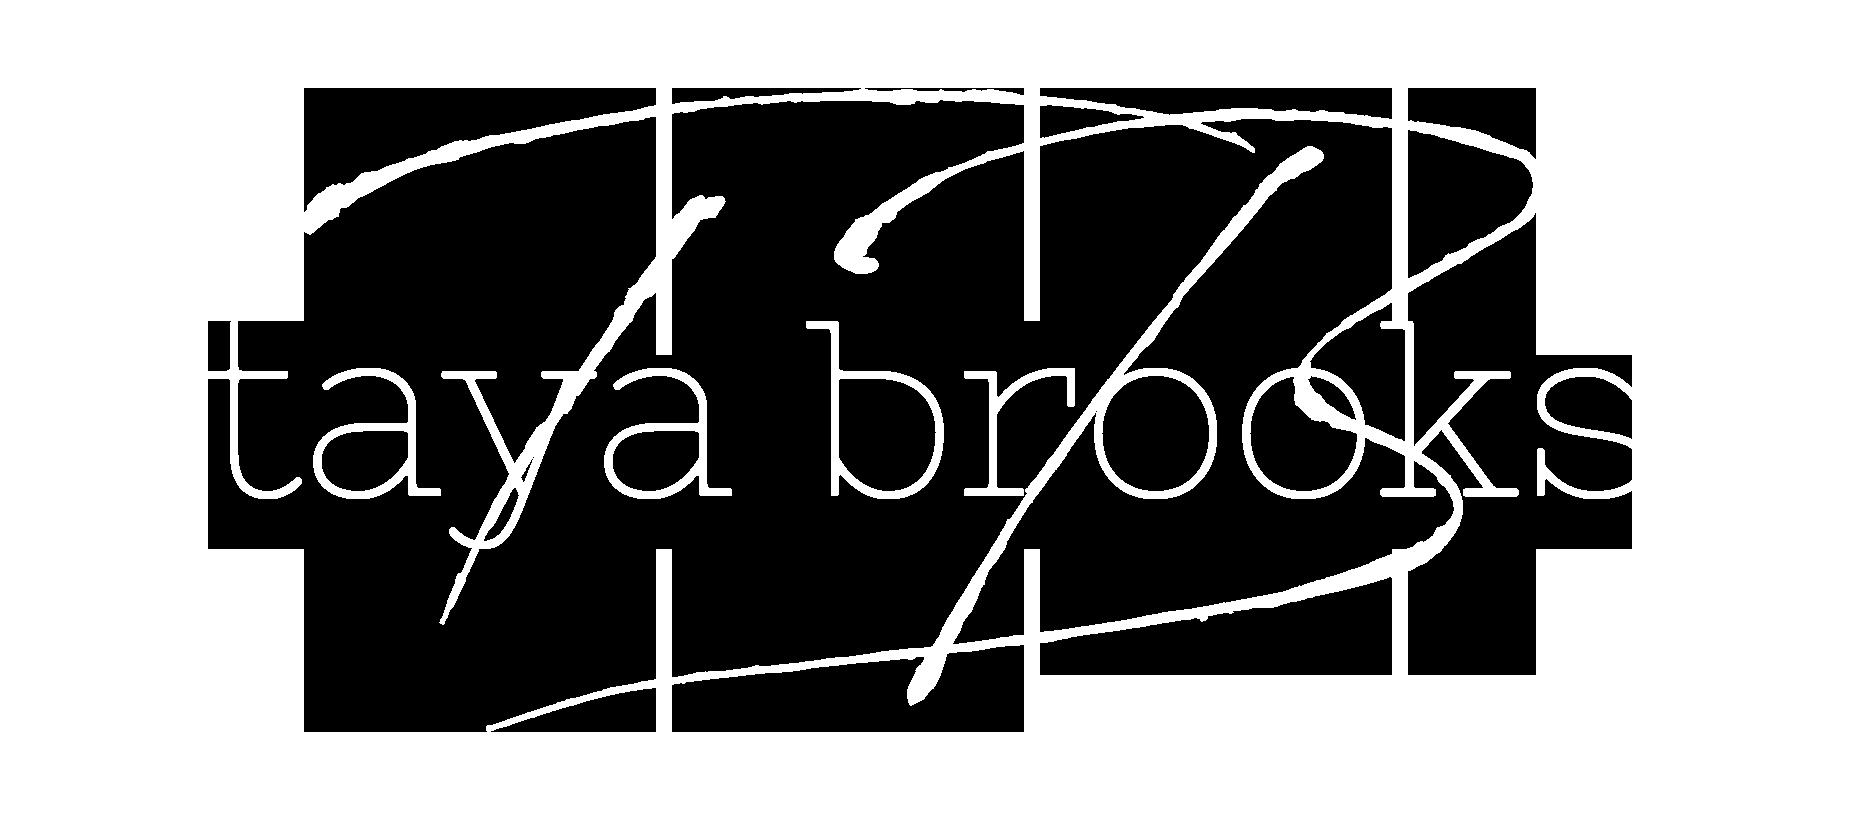 Taya Brooks